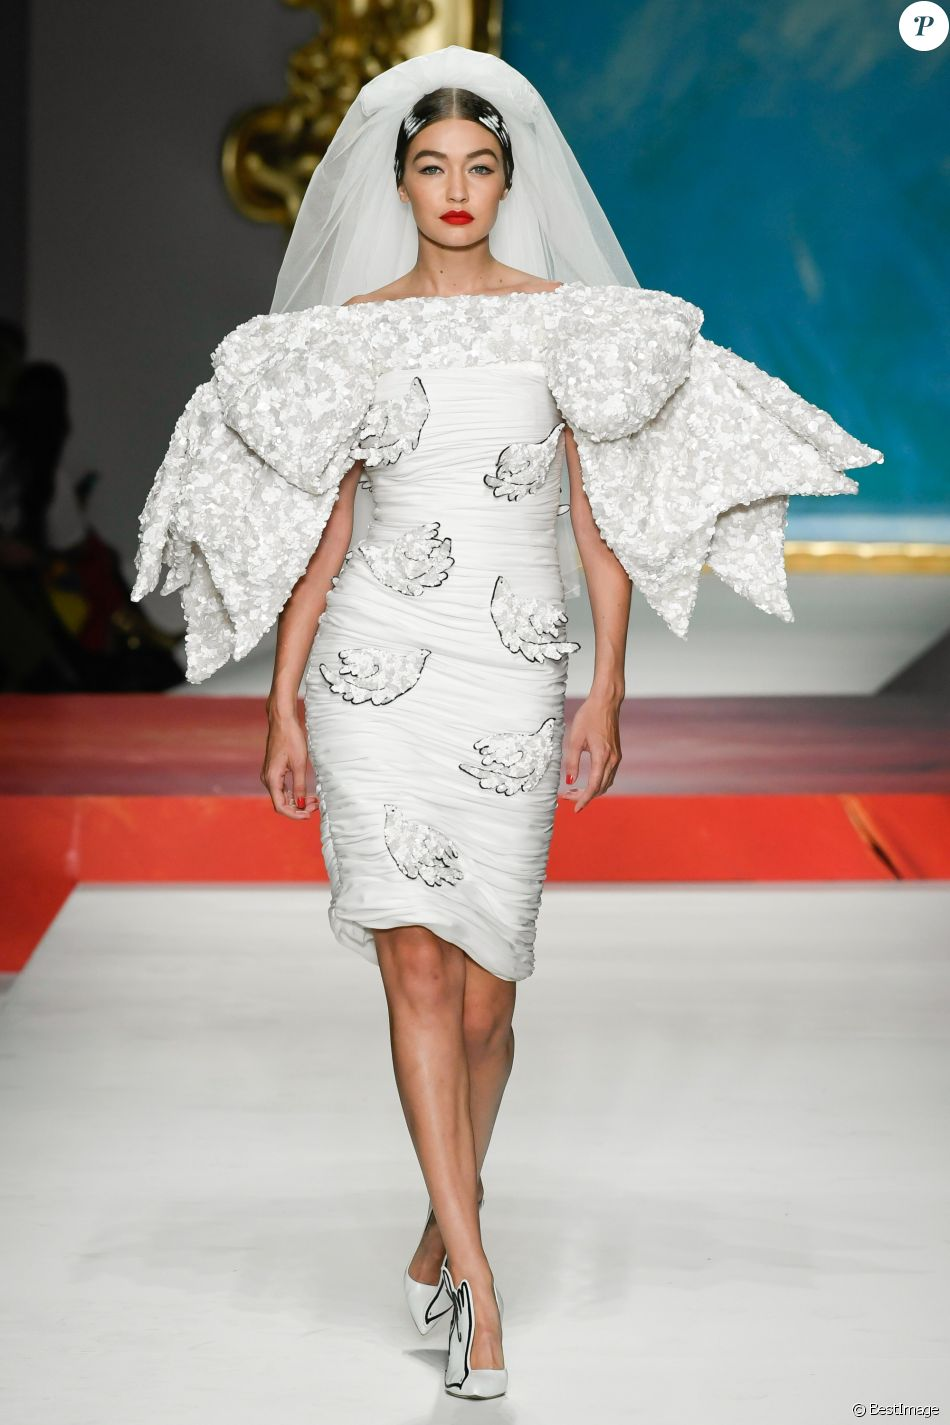 Gigi Hadid défile pour Moschino, collection prêt-à-porter printemps-été 2020 lors de la Fashion Week de Milan. Le 19 septembre 2019.